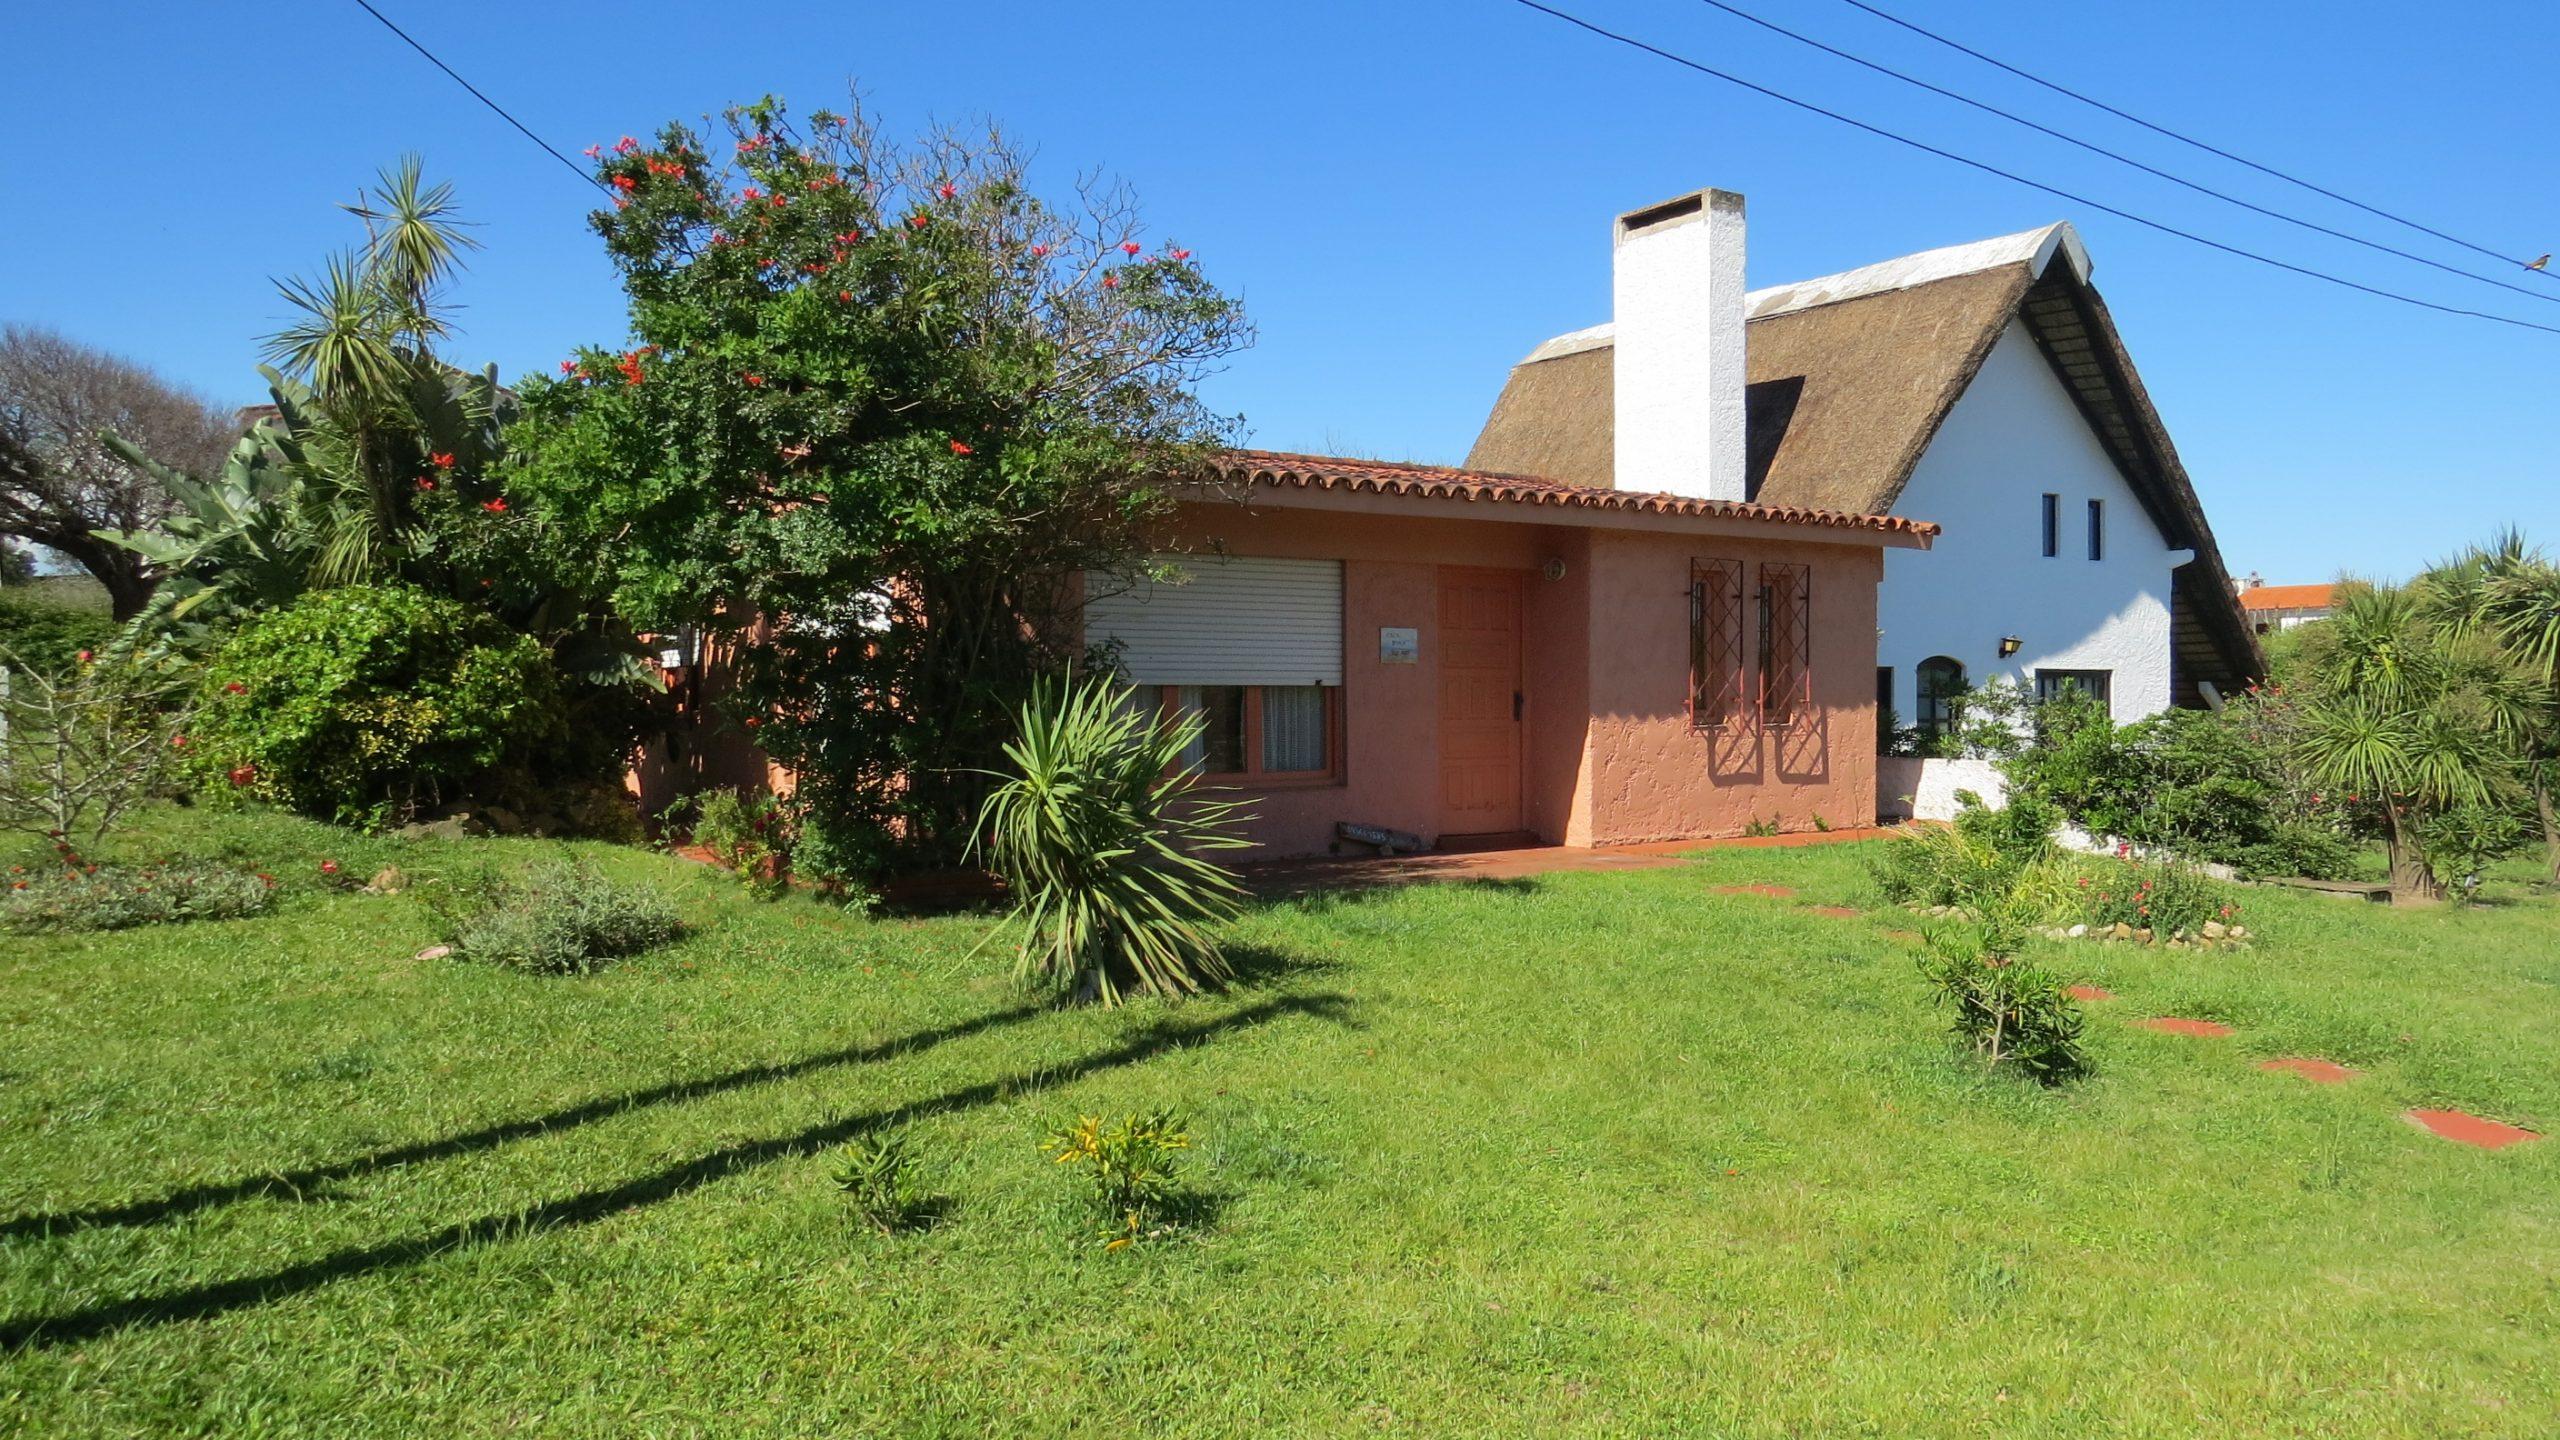 Dos casas de dos dormitorios a 70 mts de la Playa de La Aguada.